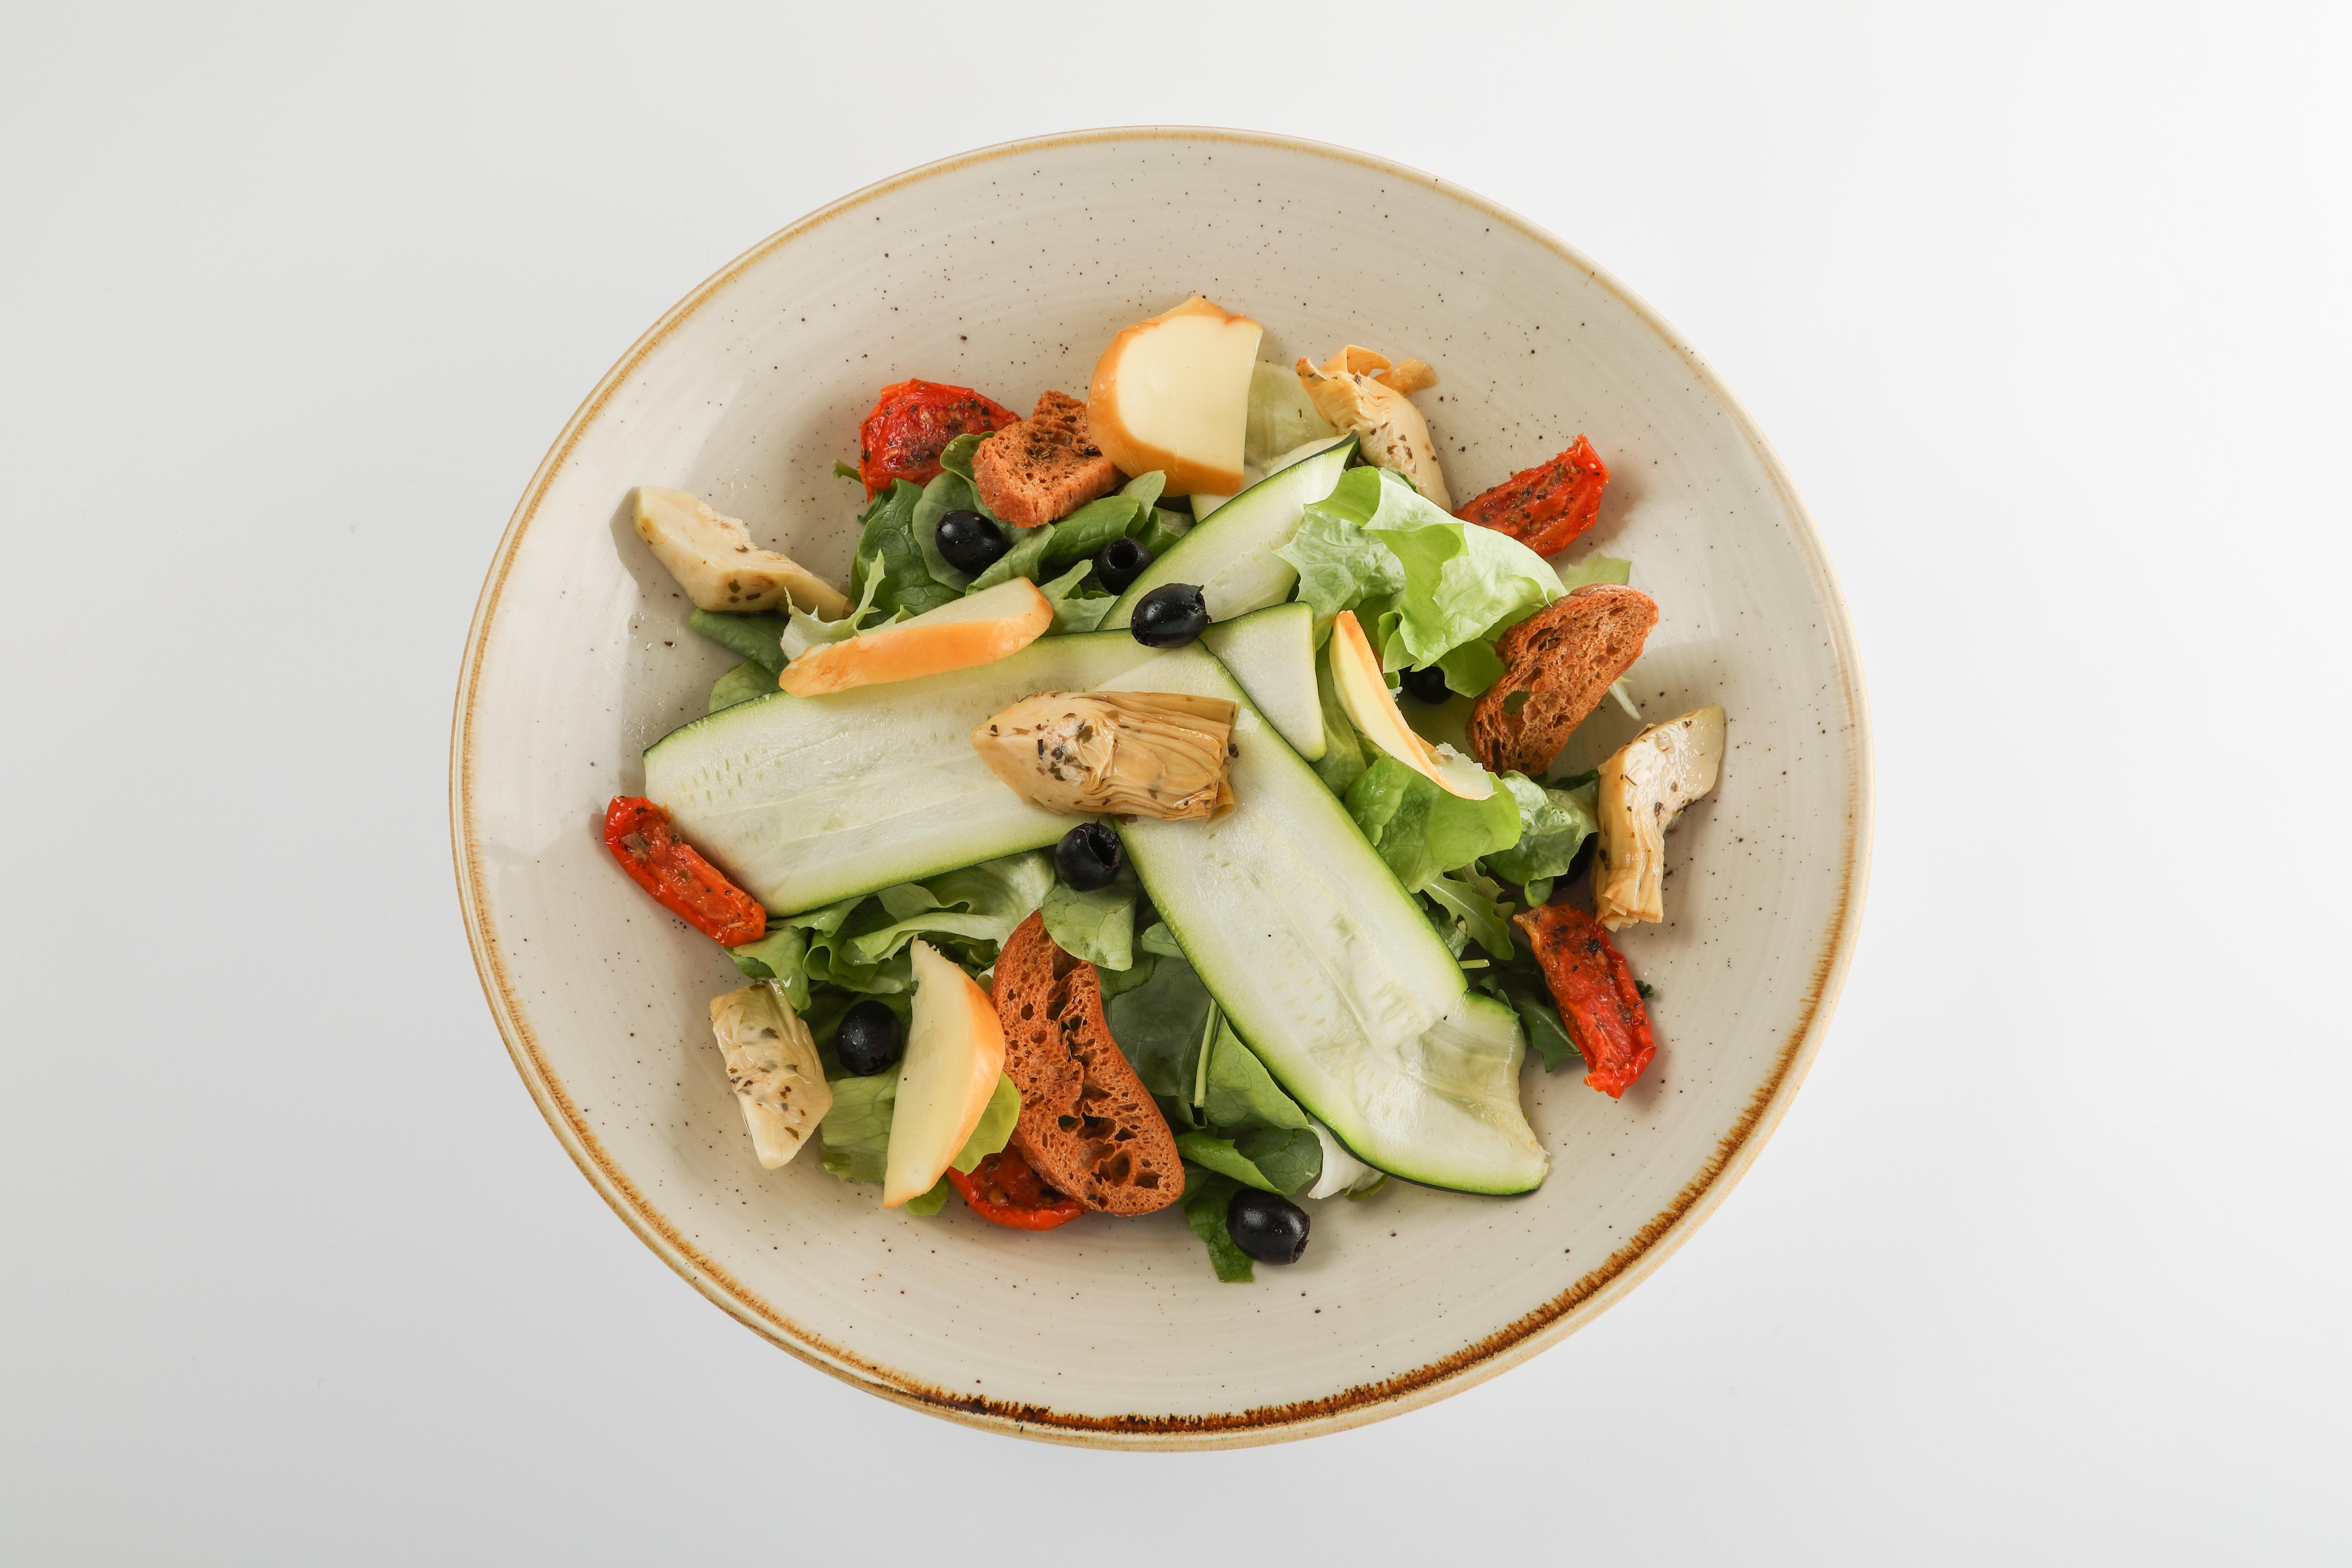 offre du jour - salade siena